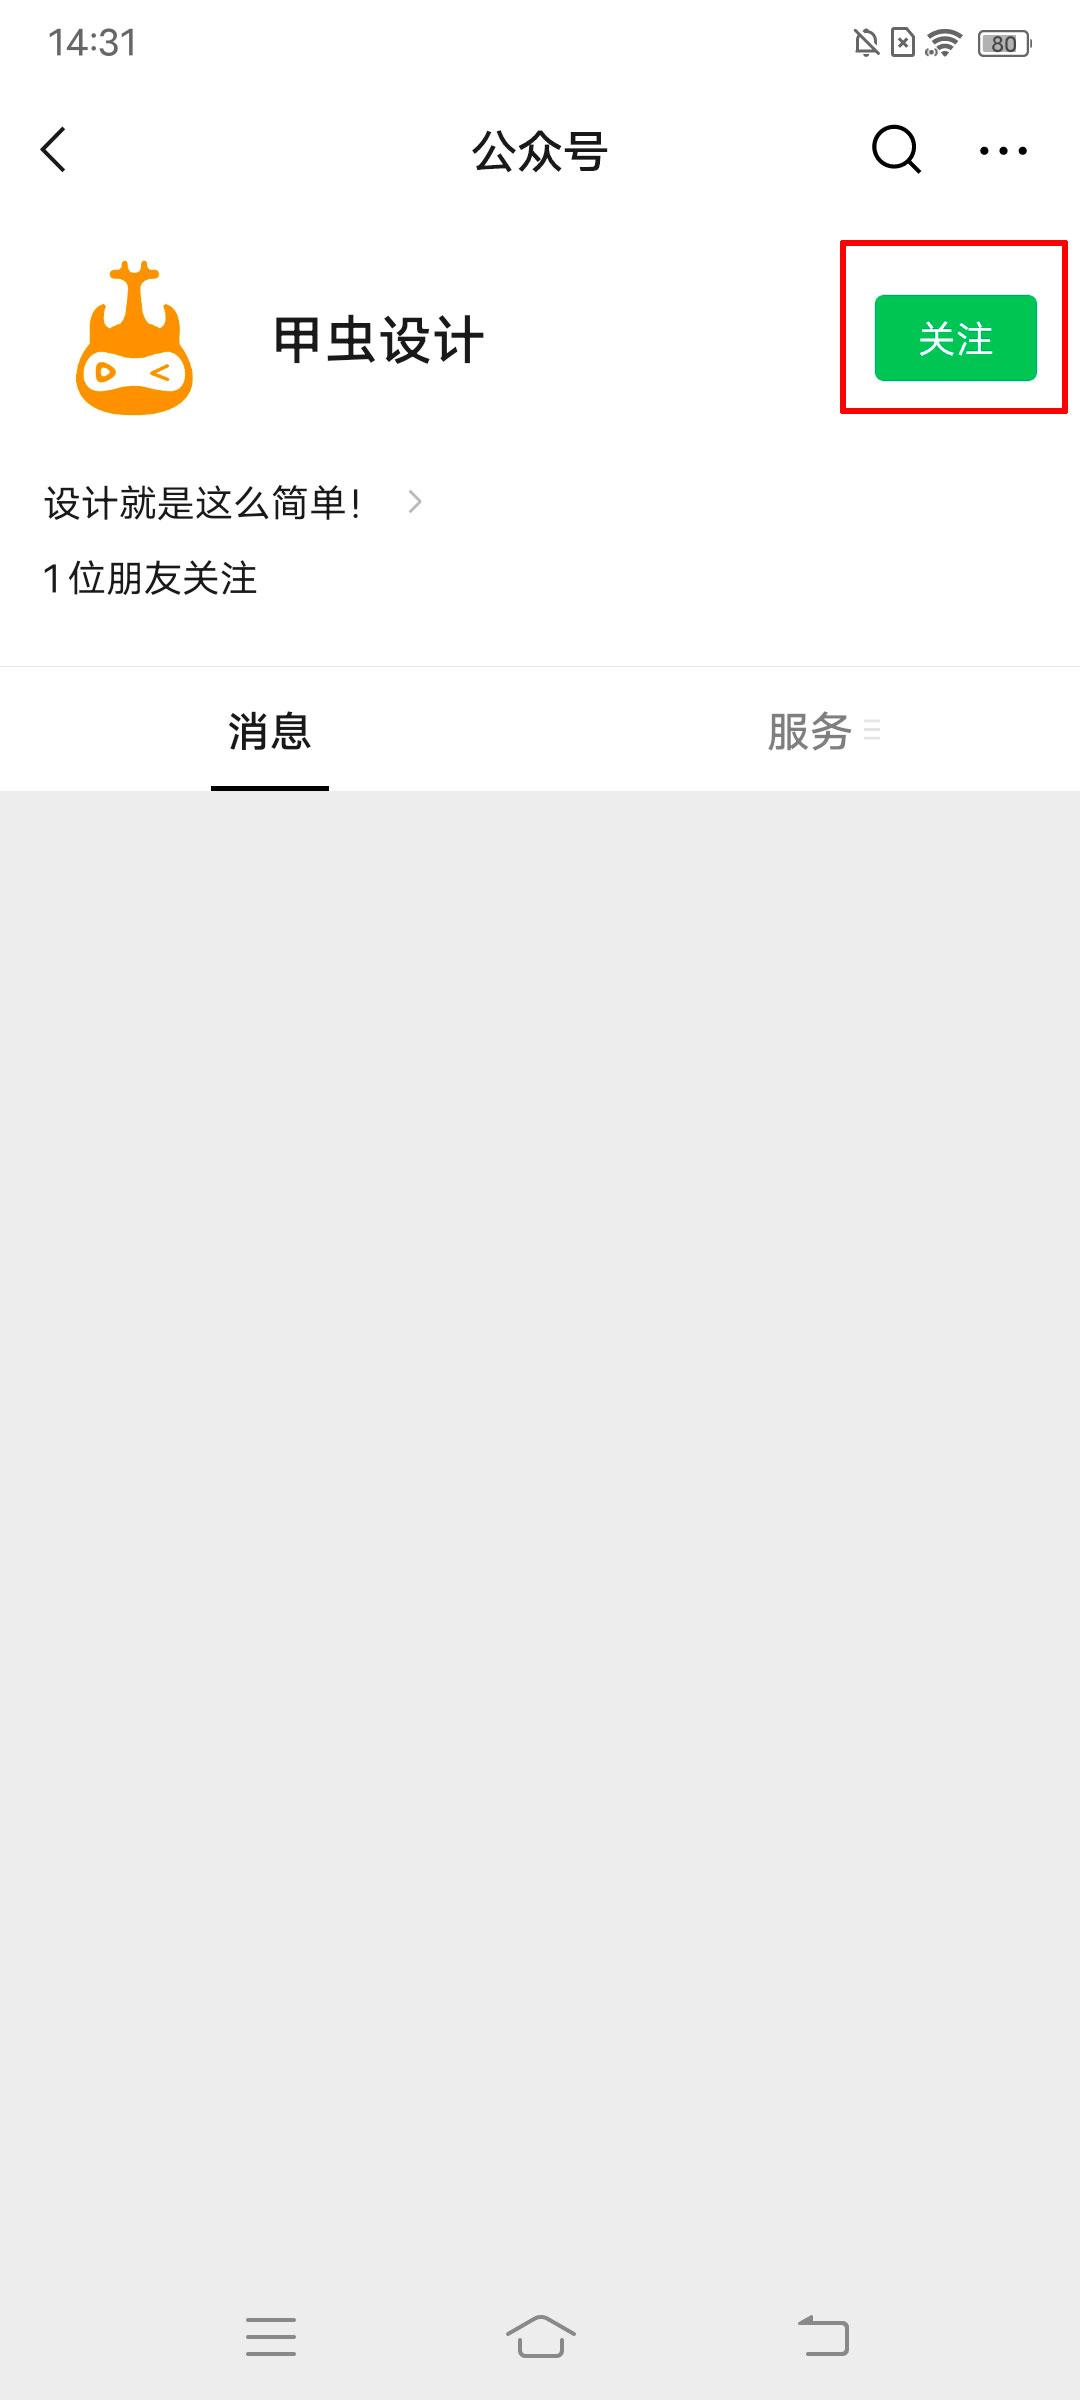 宝贝生日答谢宴邀请函制作教程(1)